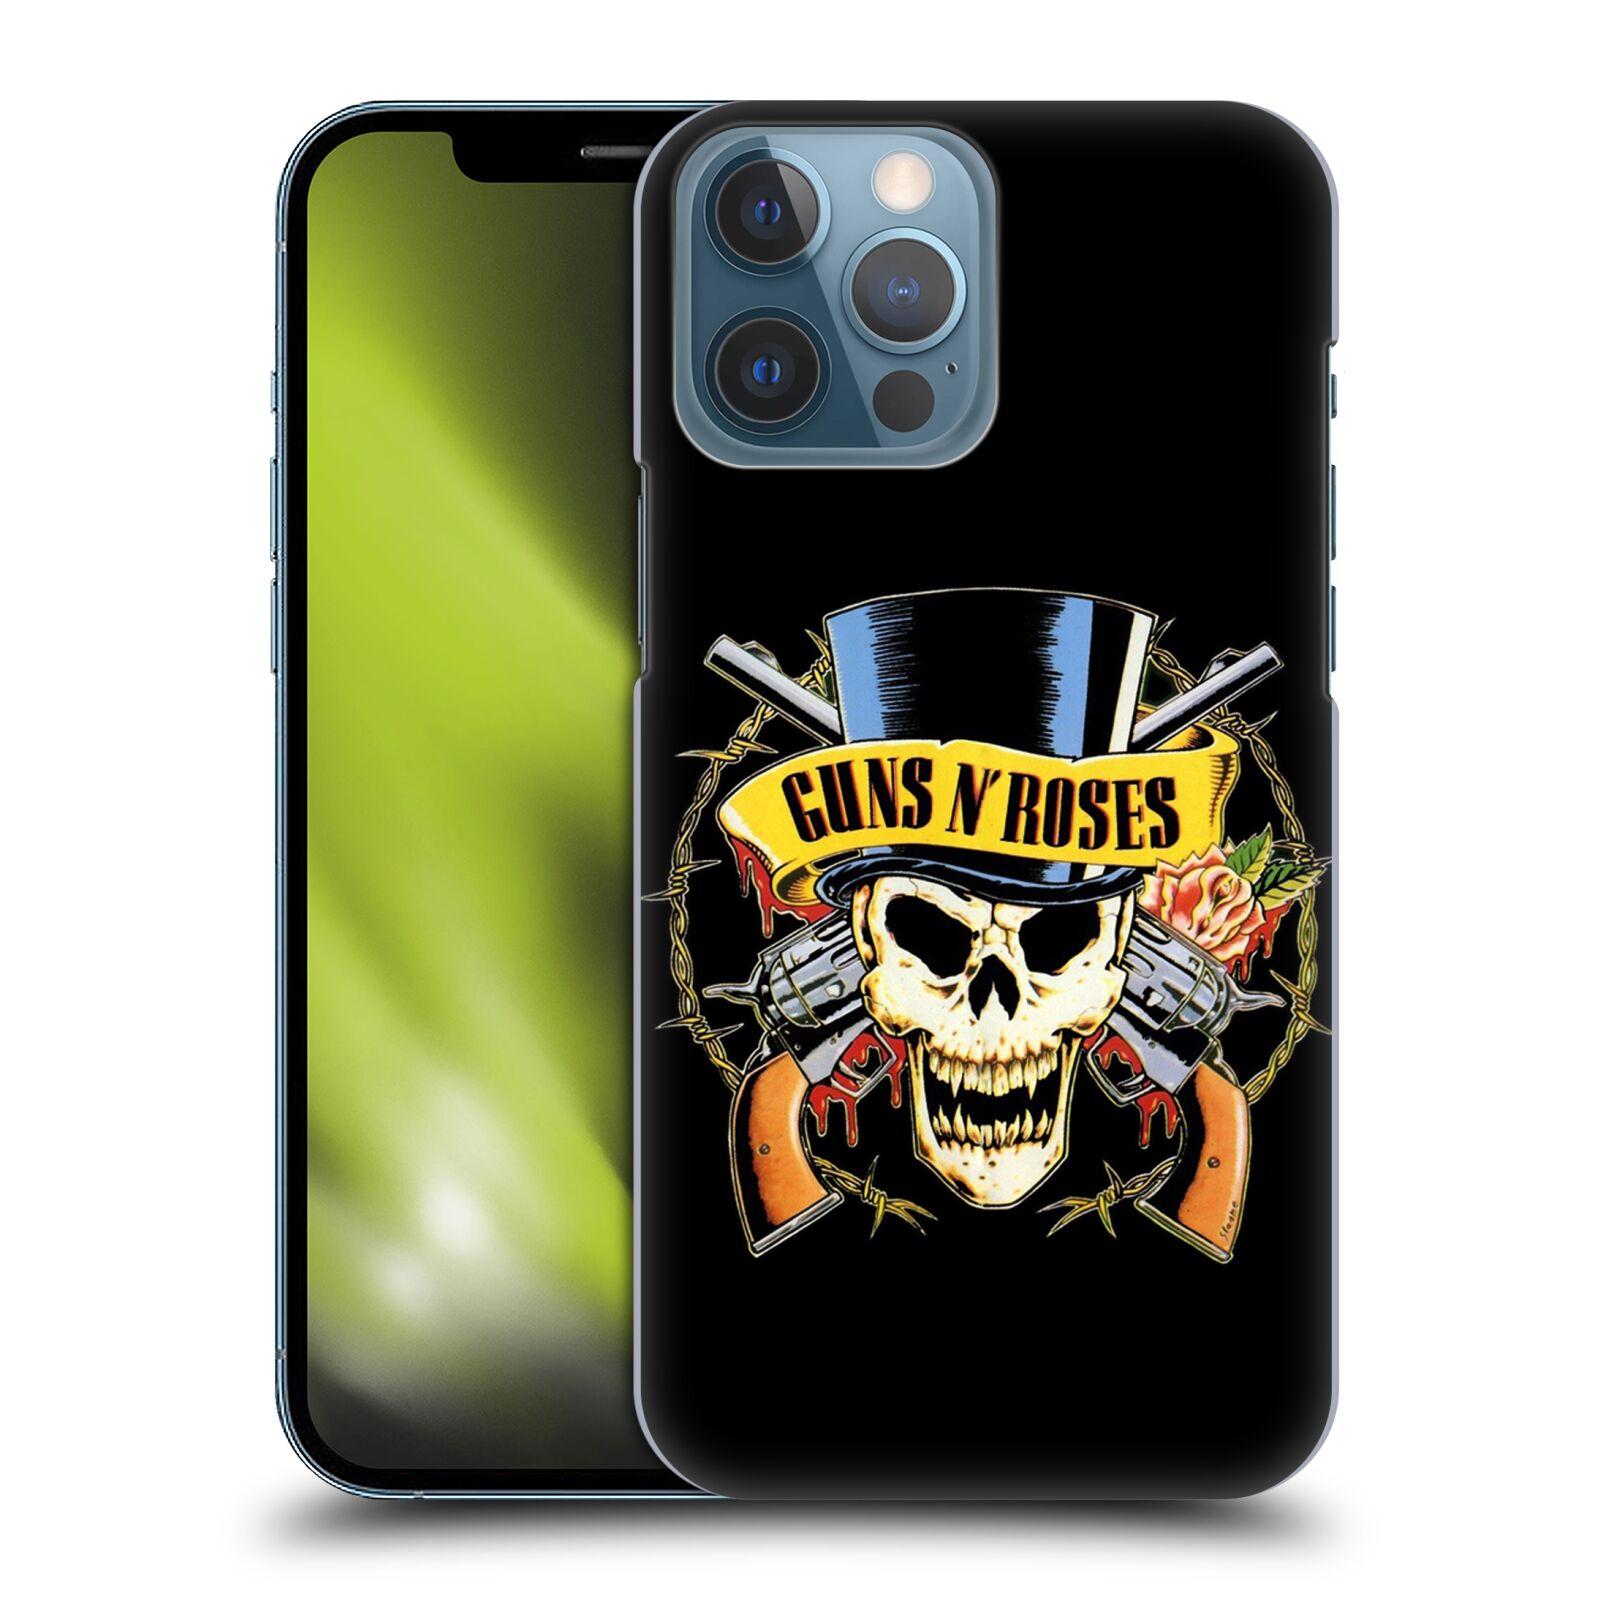 Plastové pouzdro na mobil Apple iPhone 13 Pro Max - Head Case - Guns N' Roses - Lebka